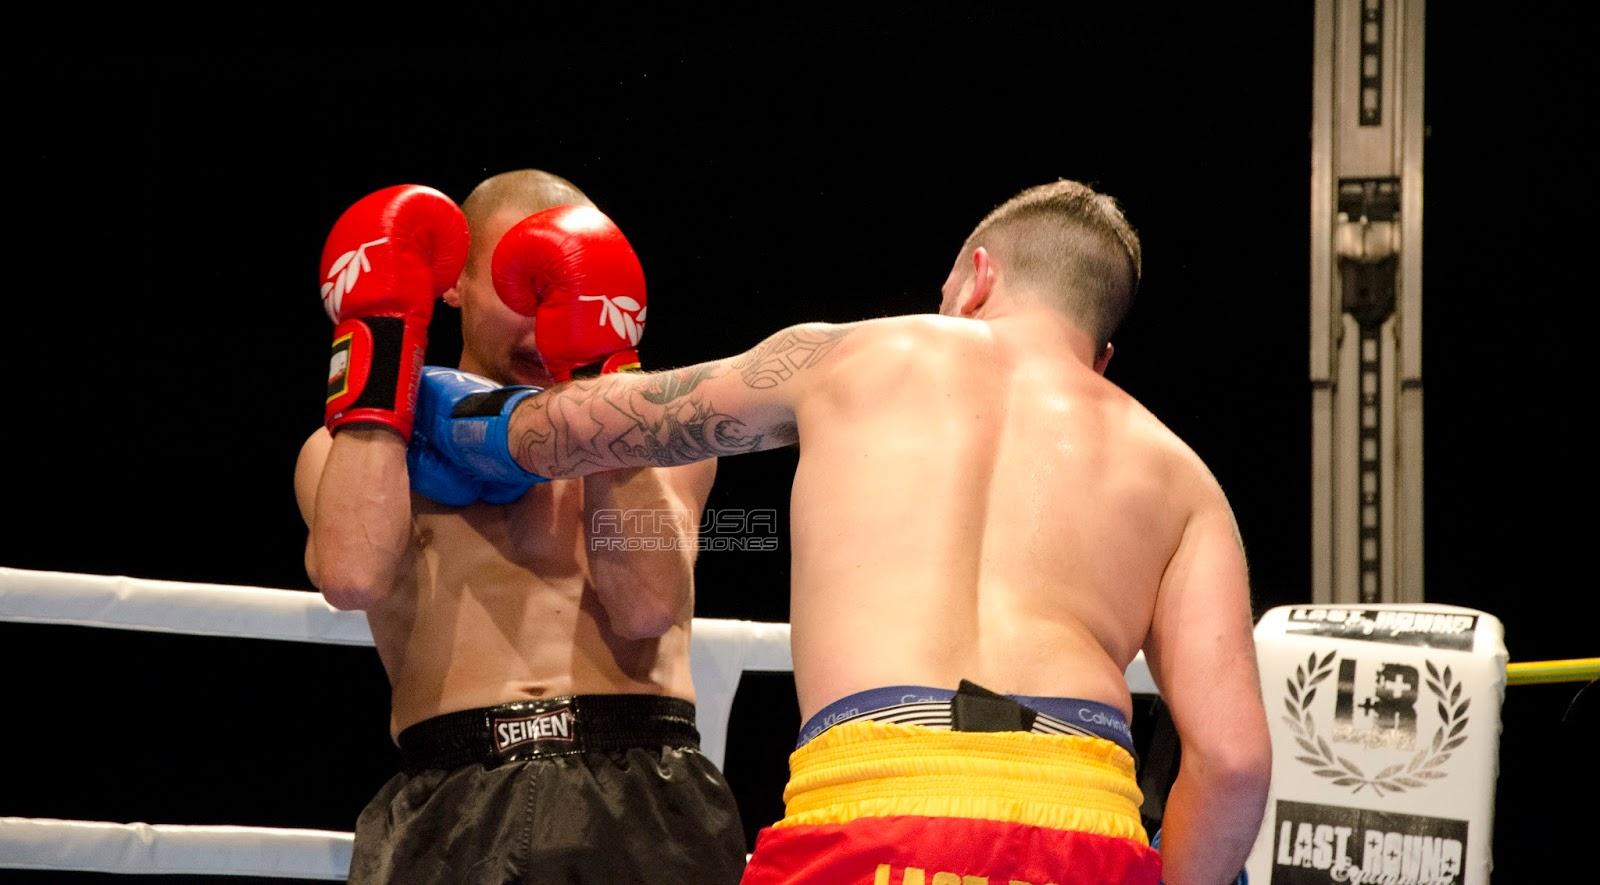 Luchador pegando puñetazo en cara